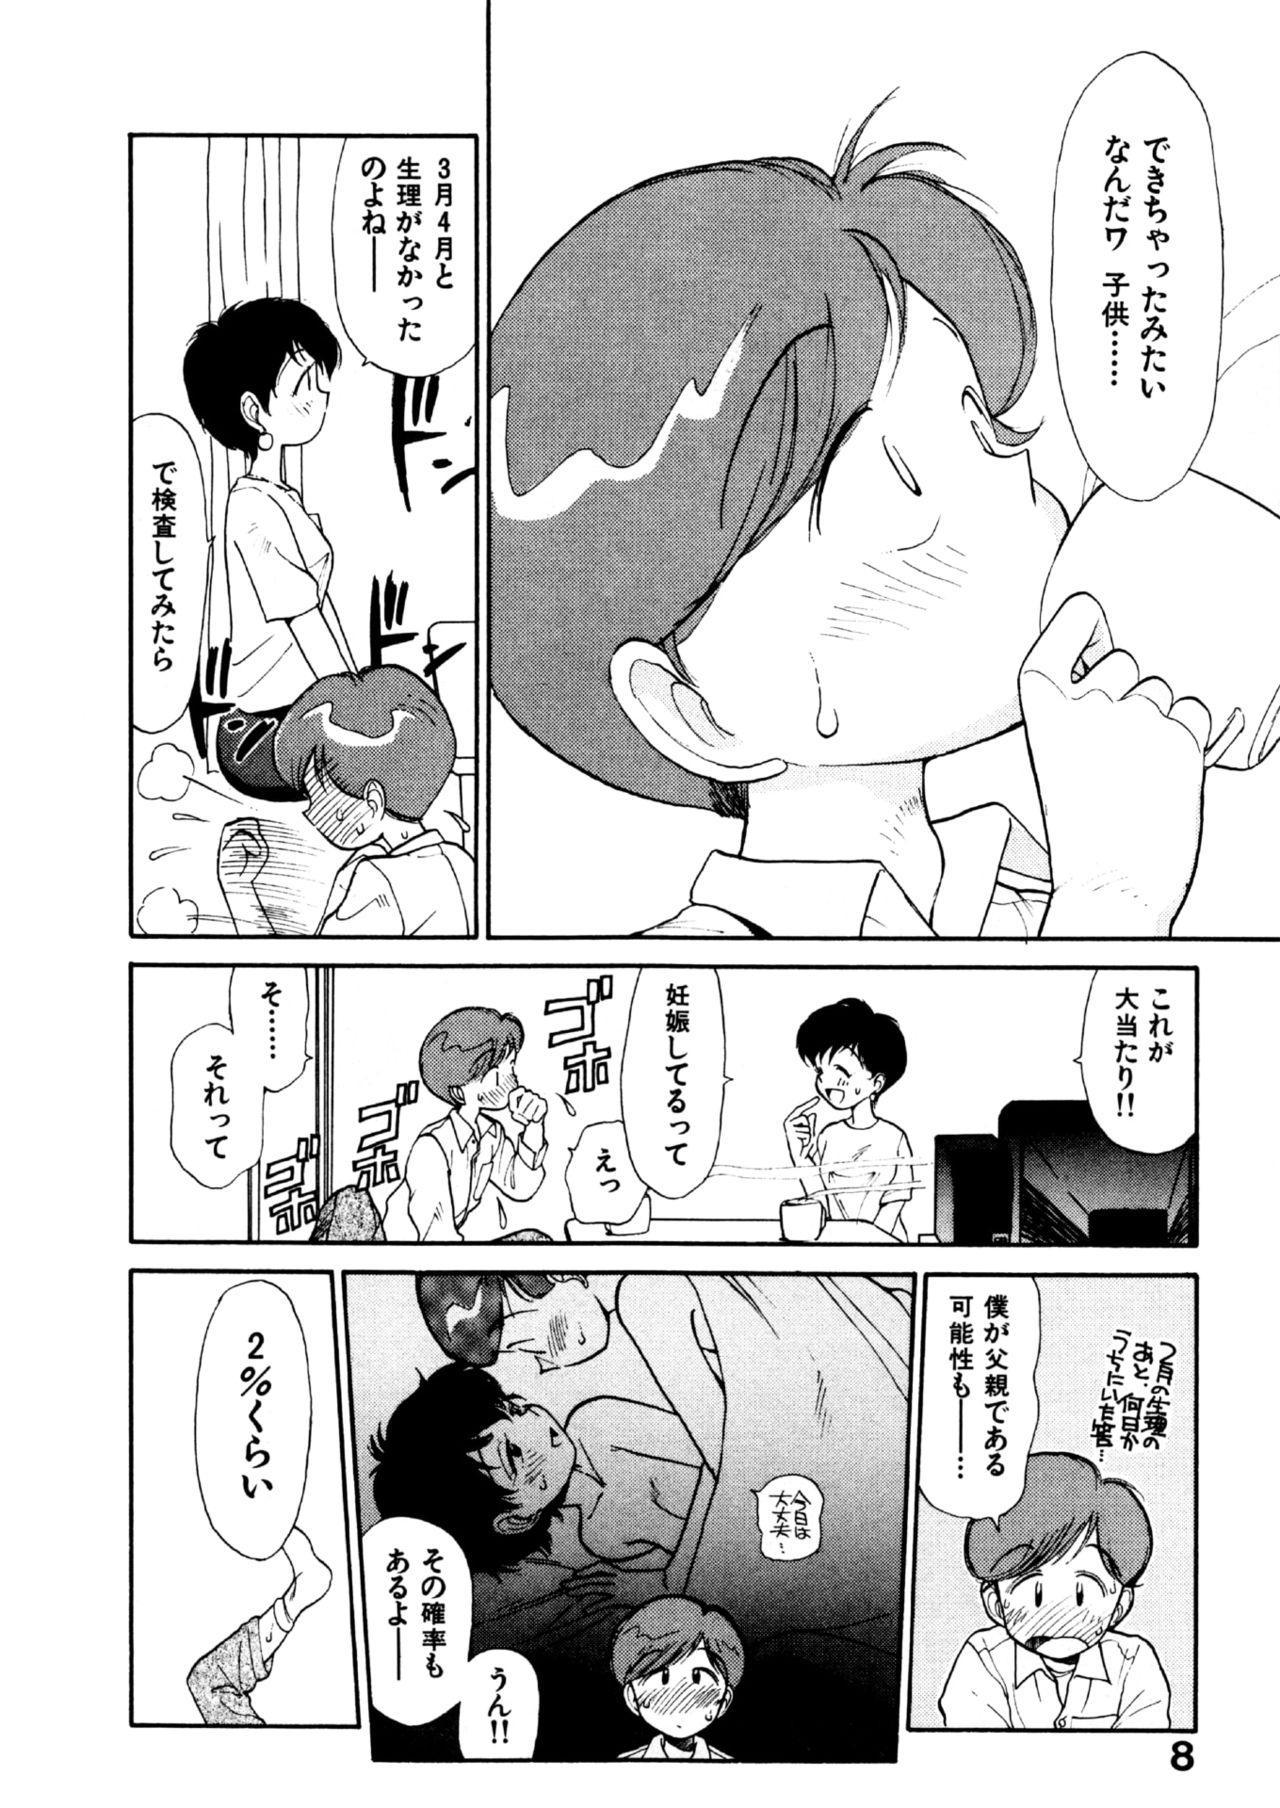 COMIC Kairakuten 25 Shuunen kinen tokubetsugou 8